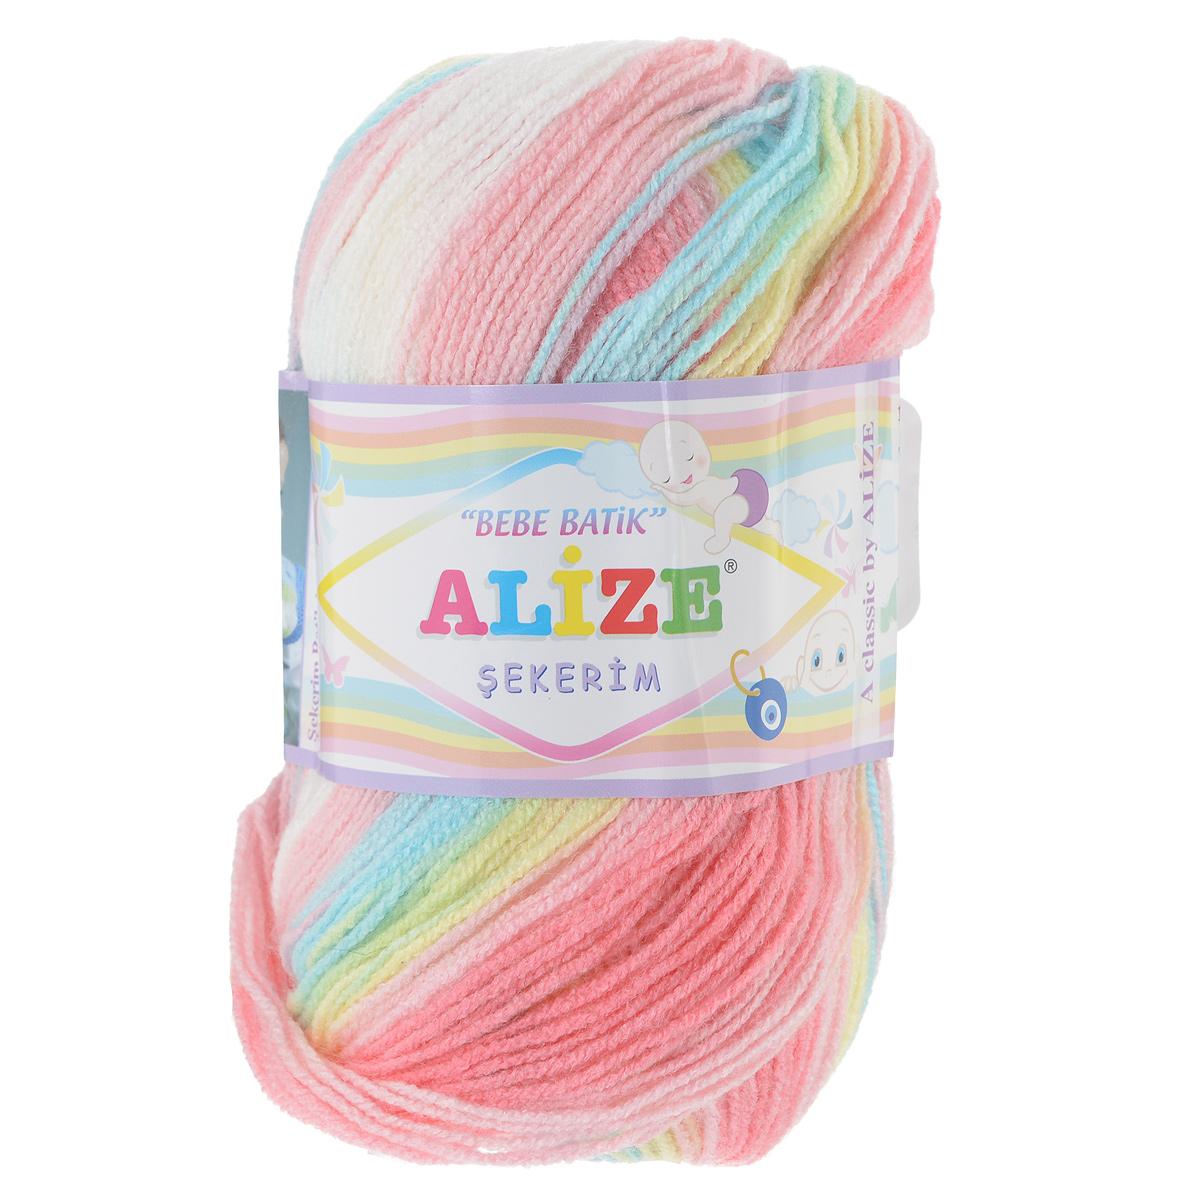 Пряжа для вязания Alize Sekerim Bebe Batik, цвет: розовый, желтый, голубой (3045), 320 м, 100 г, 5 шт платье для девочки batik цвет розовый ds0125 4 размер 110